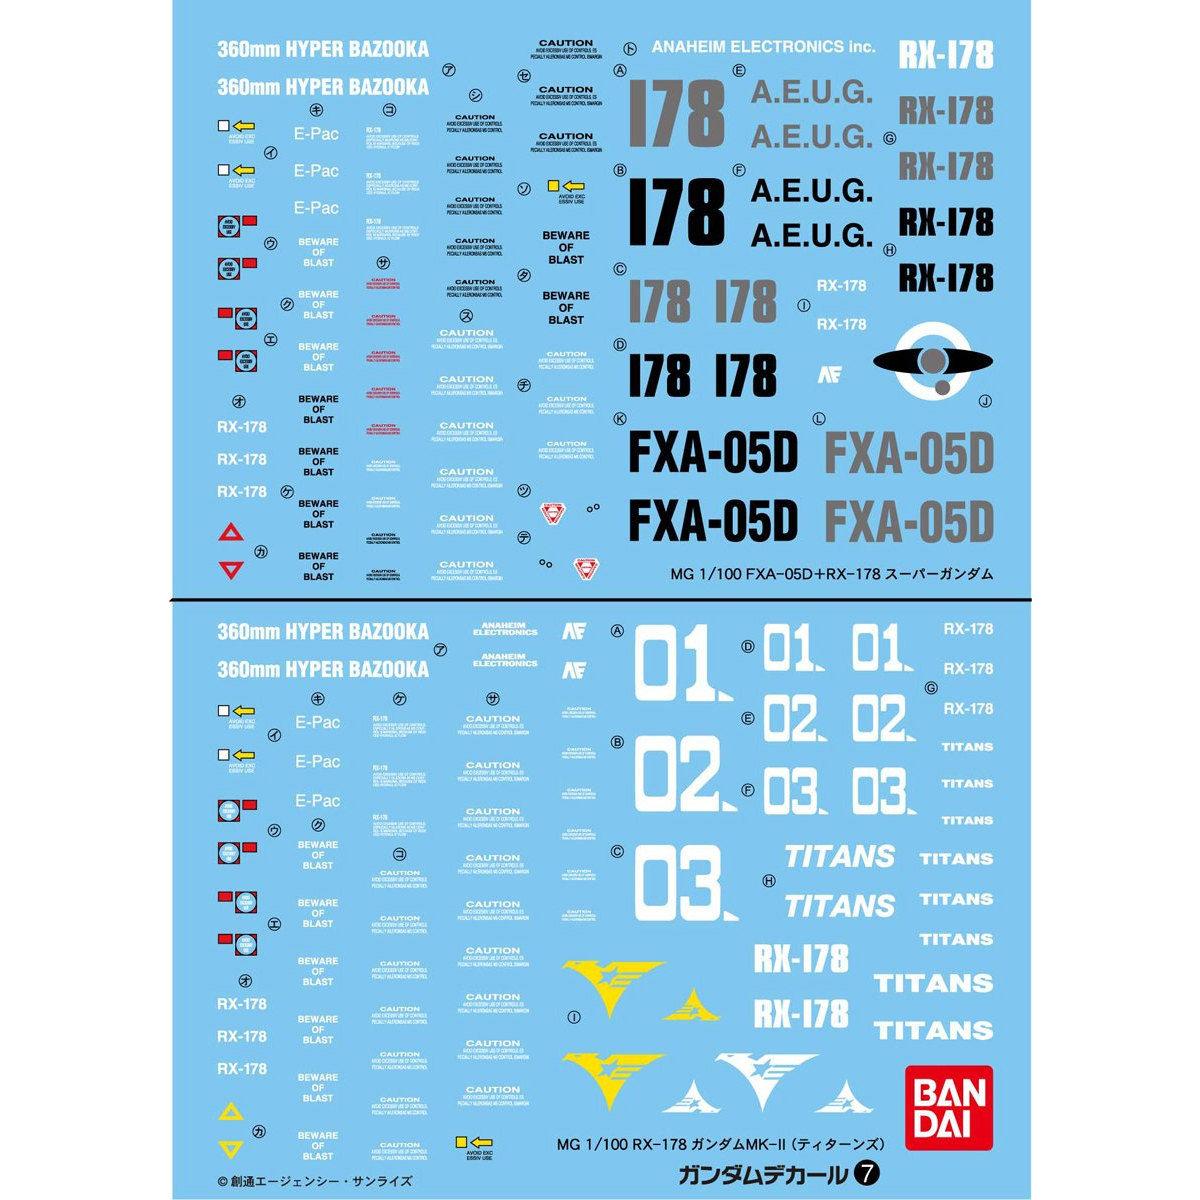 ガンダムデカール 1/100 MG FXA-05D+RX-178「スーパーガンダム」用,RX-178「ガンダムMk-II(ティターンズ)」用